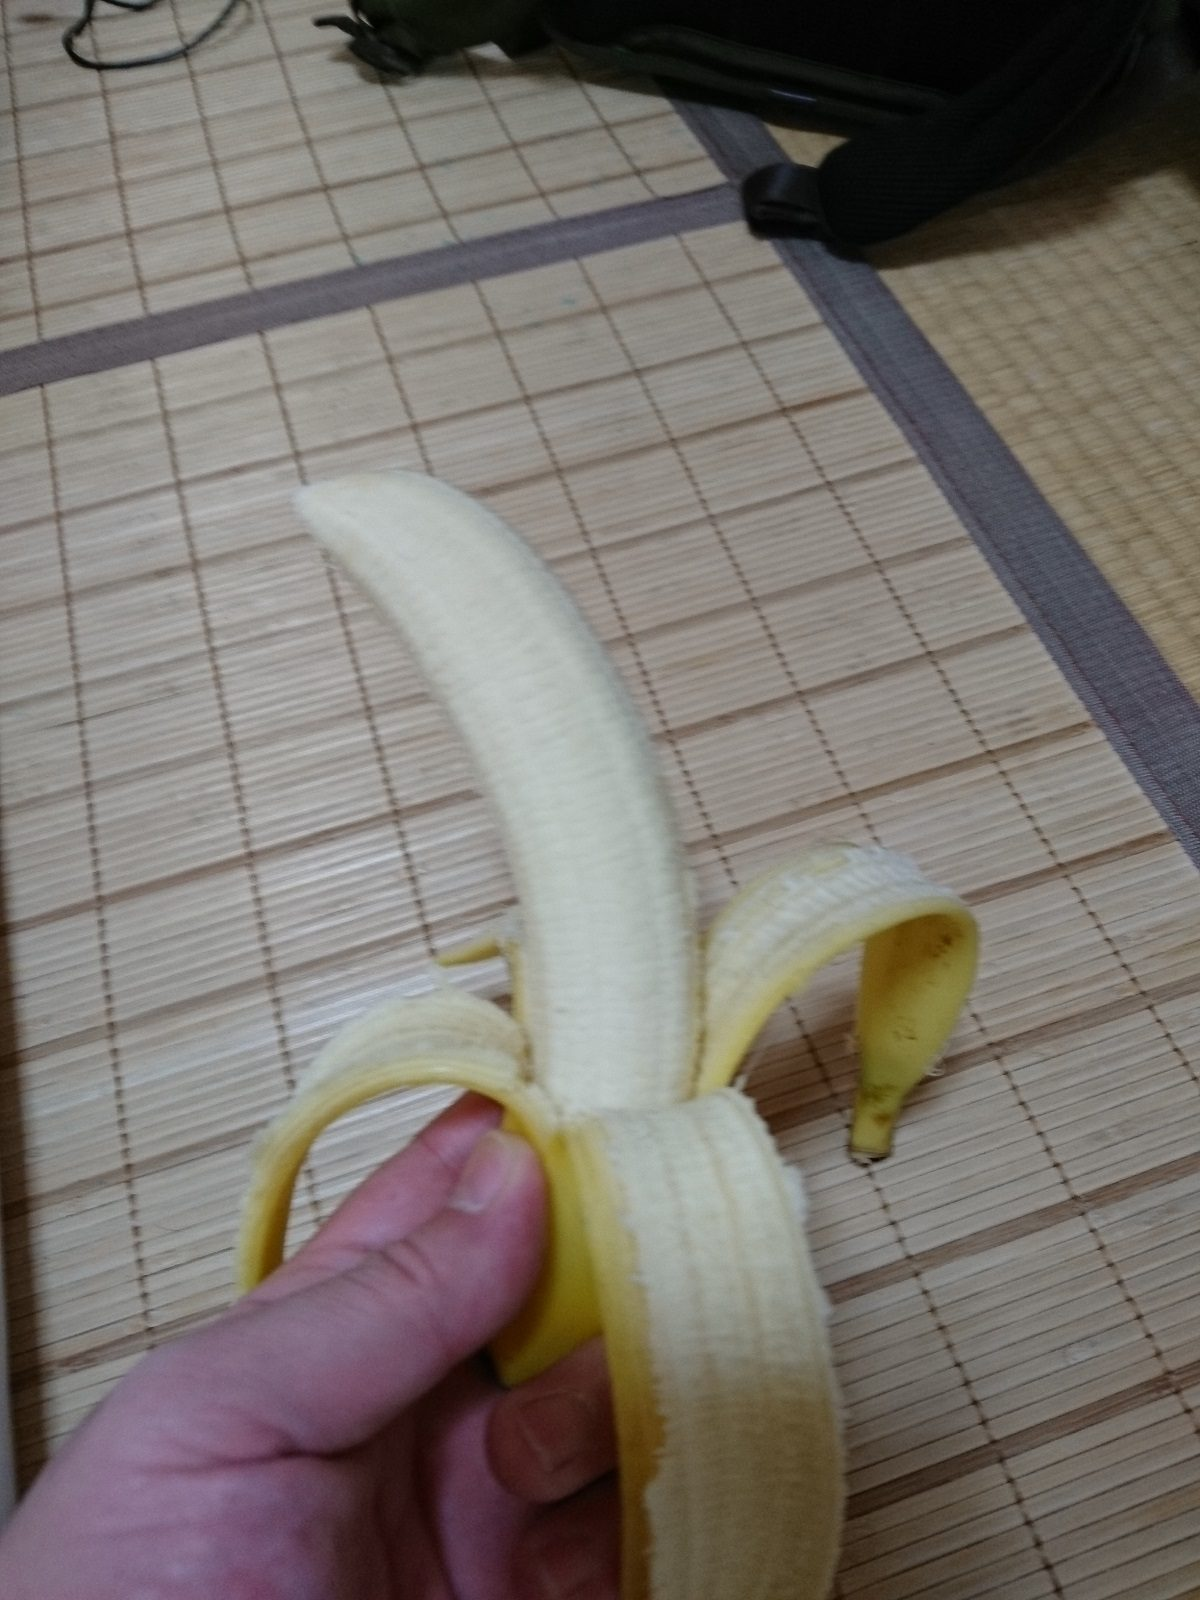 健康に考慮してバナナを食べてみました!?